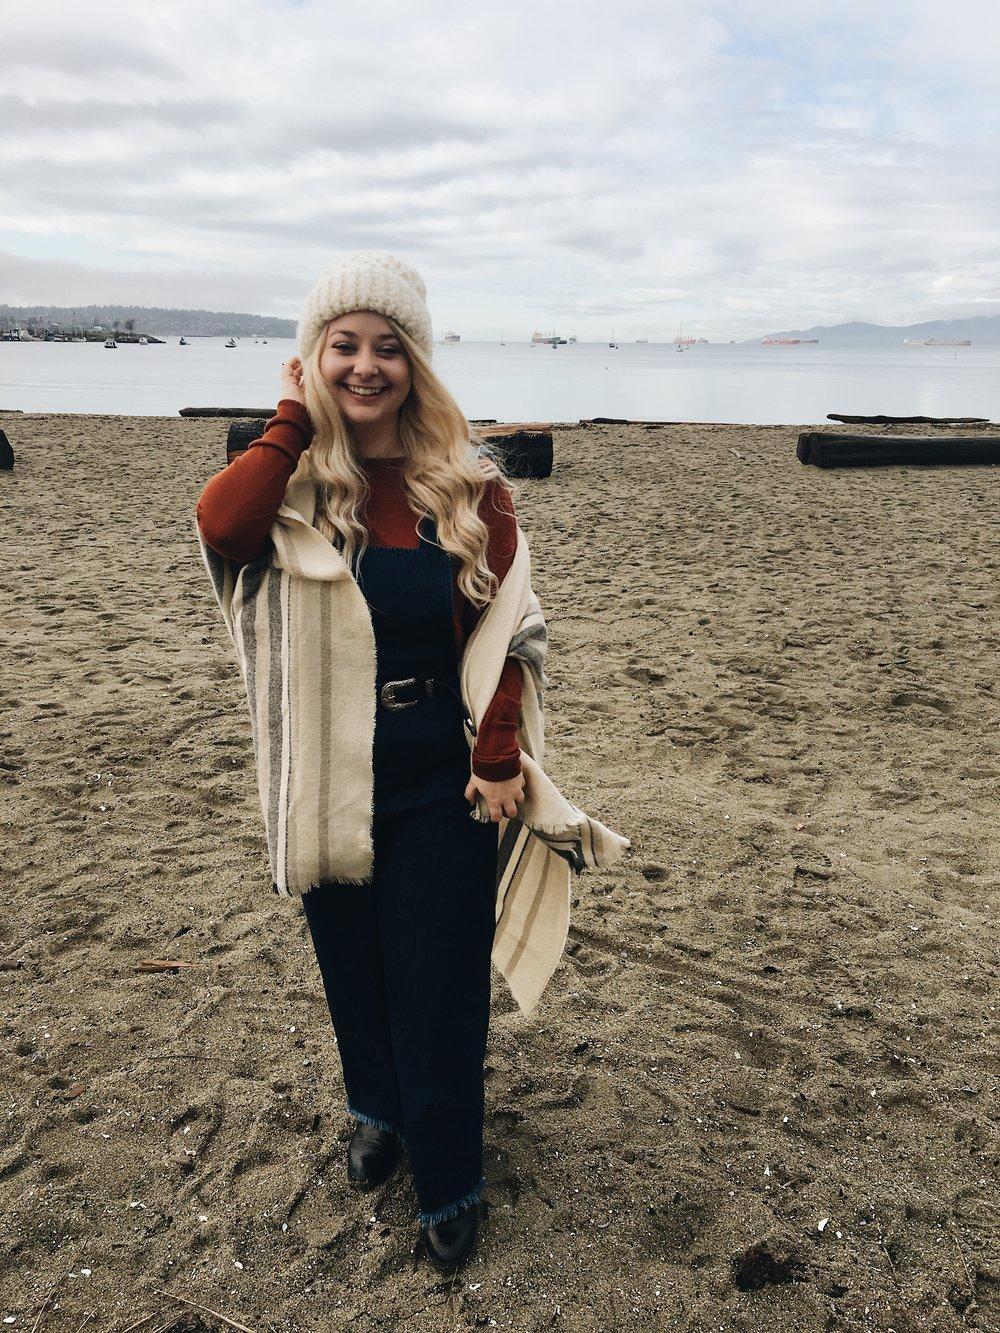 637f6bb9e3 Winter Beach Attire — For the Love Of Fashion